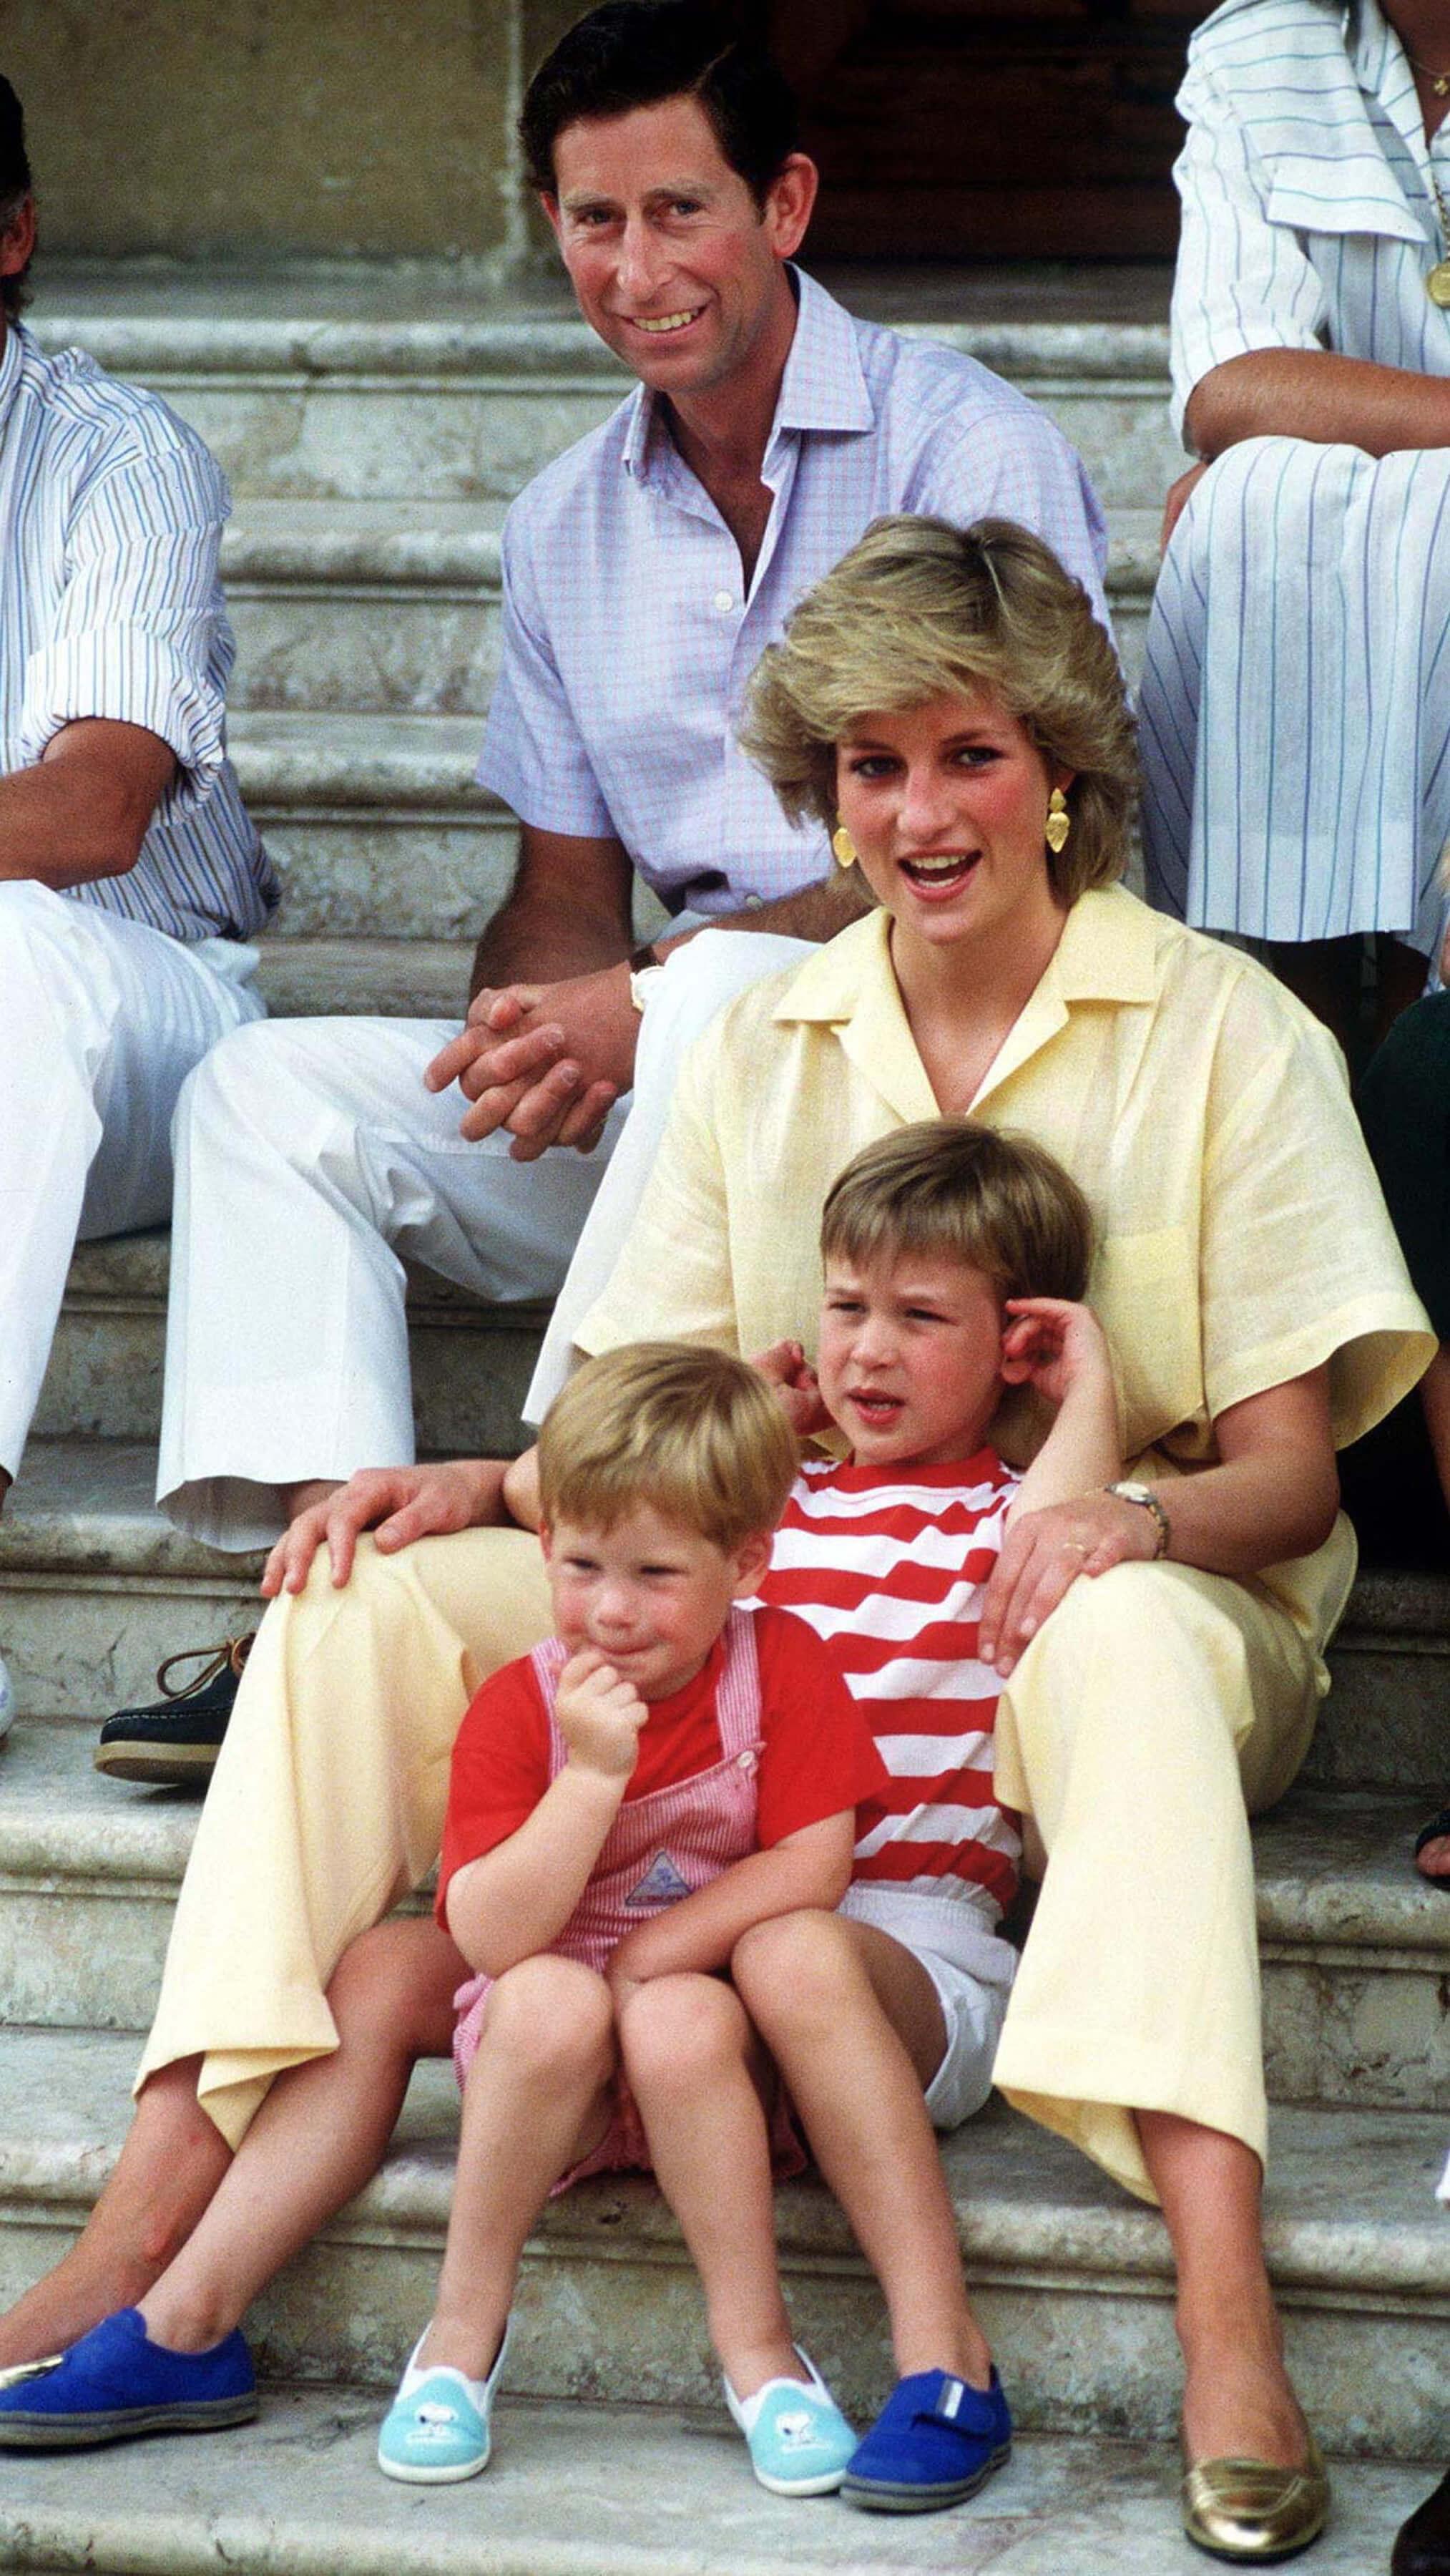 Принц Гарри и принц Уильям рассказали, как пережили уход принцессы Дианы